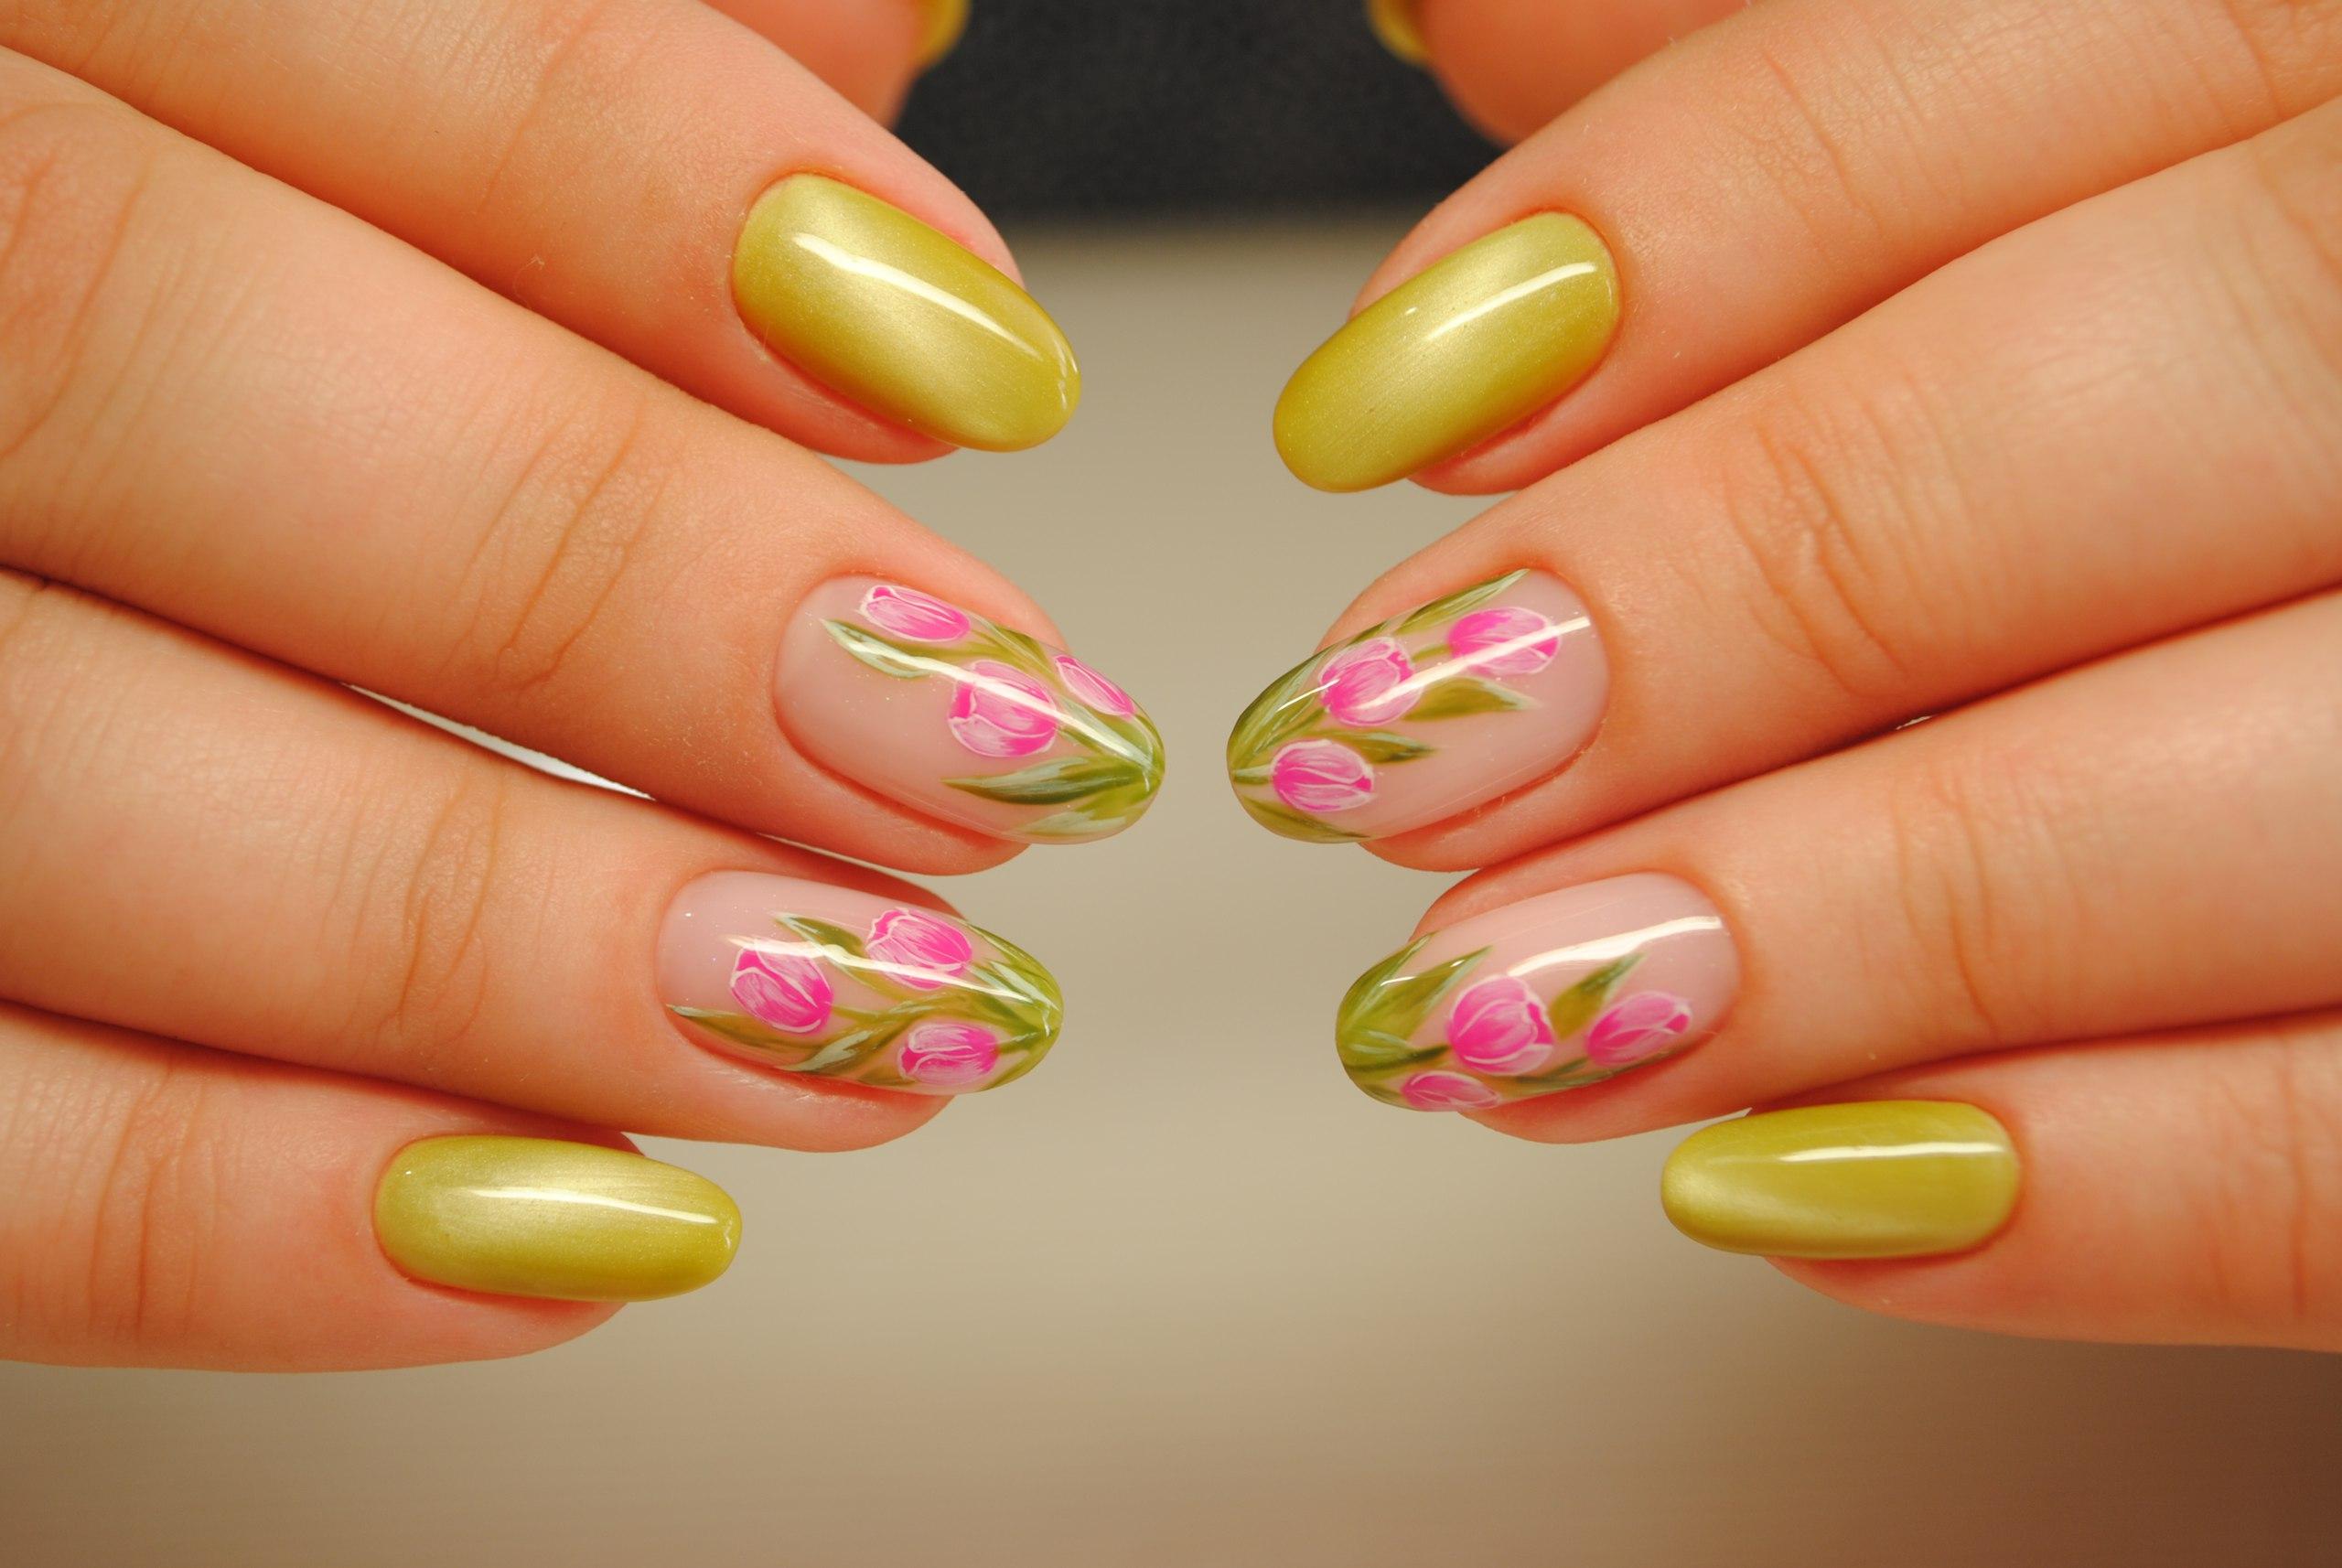 Ногти дизайн фото весна тюльпаны